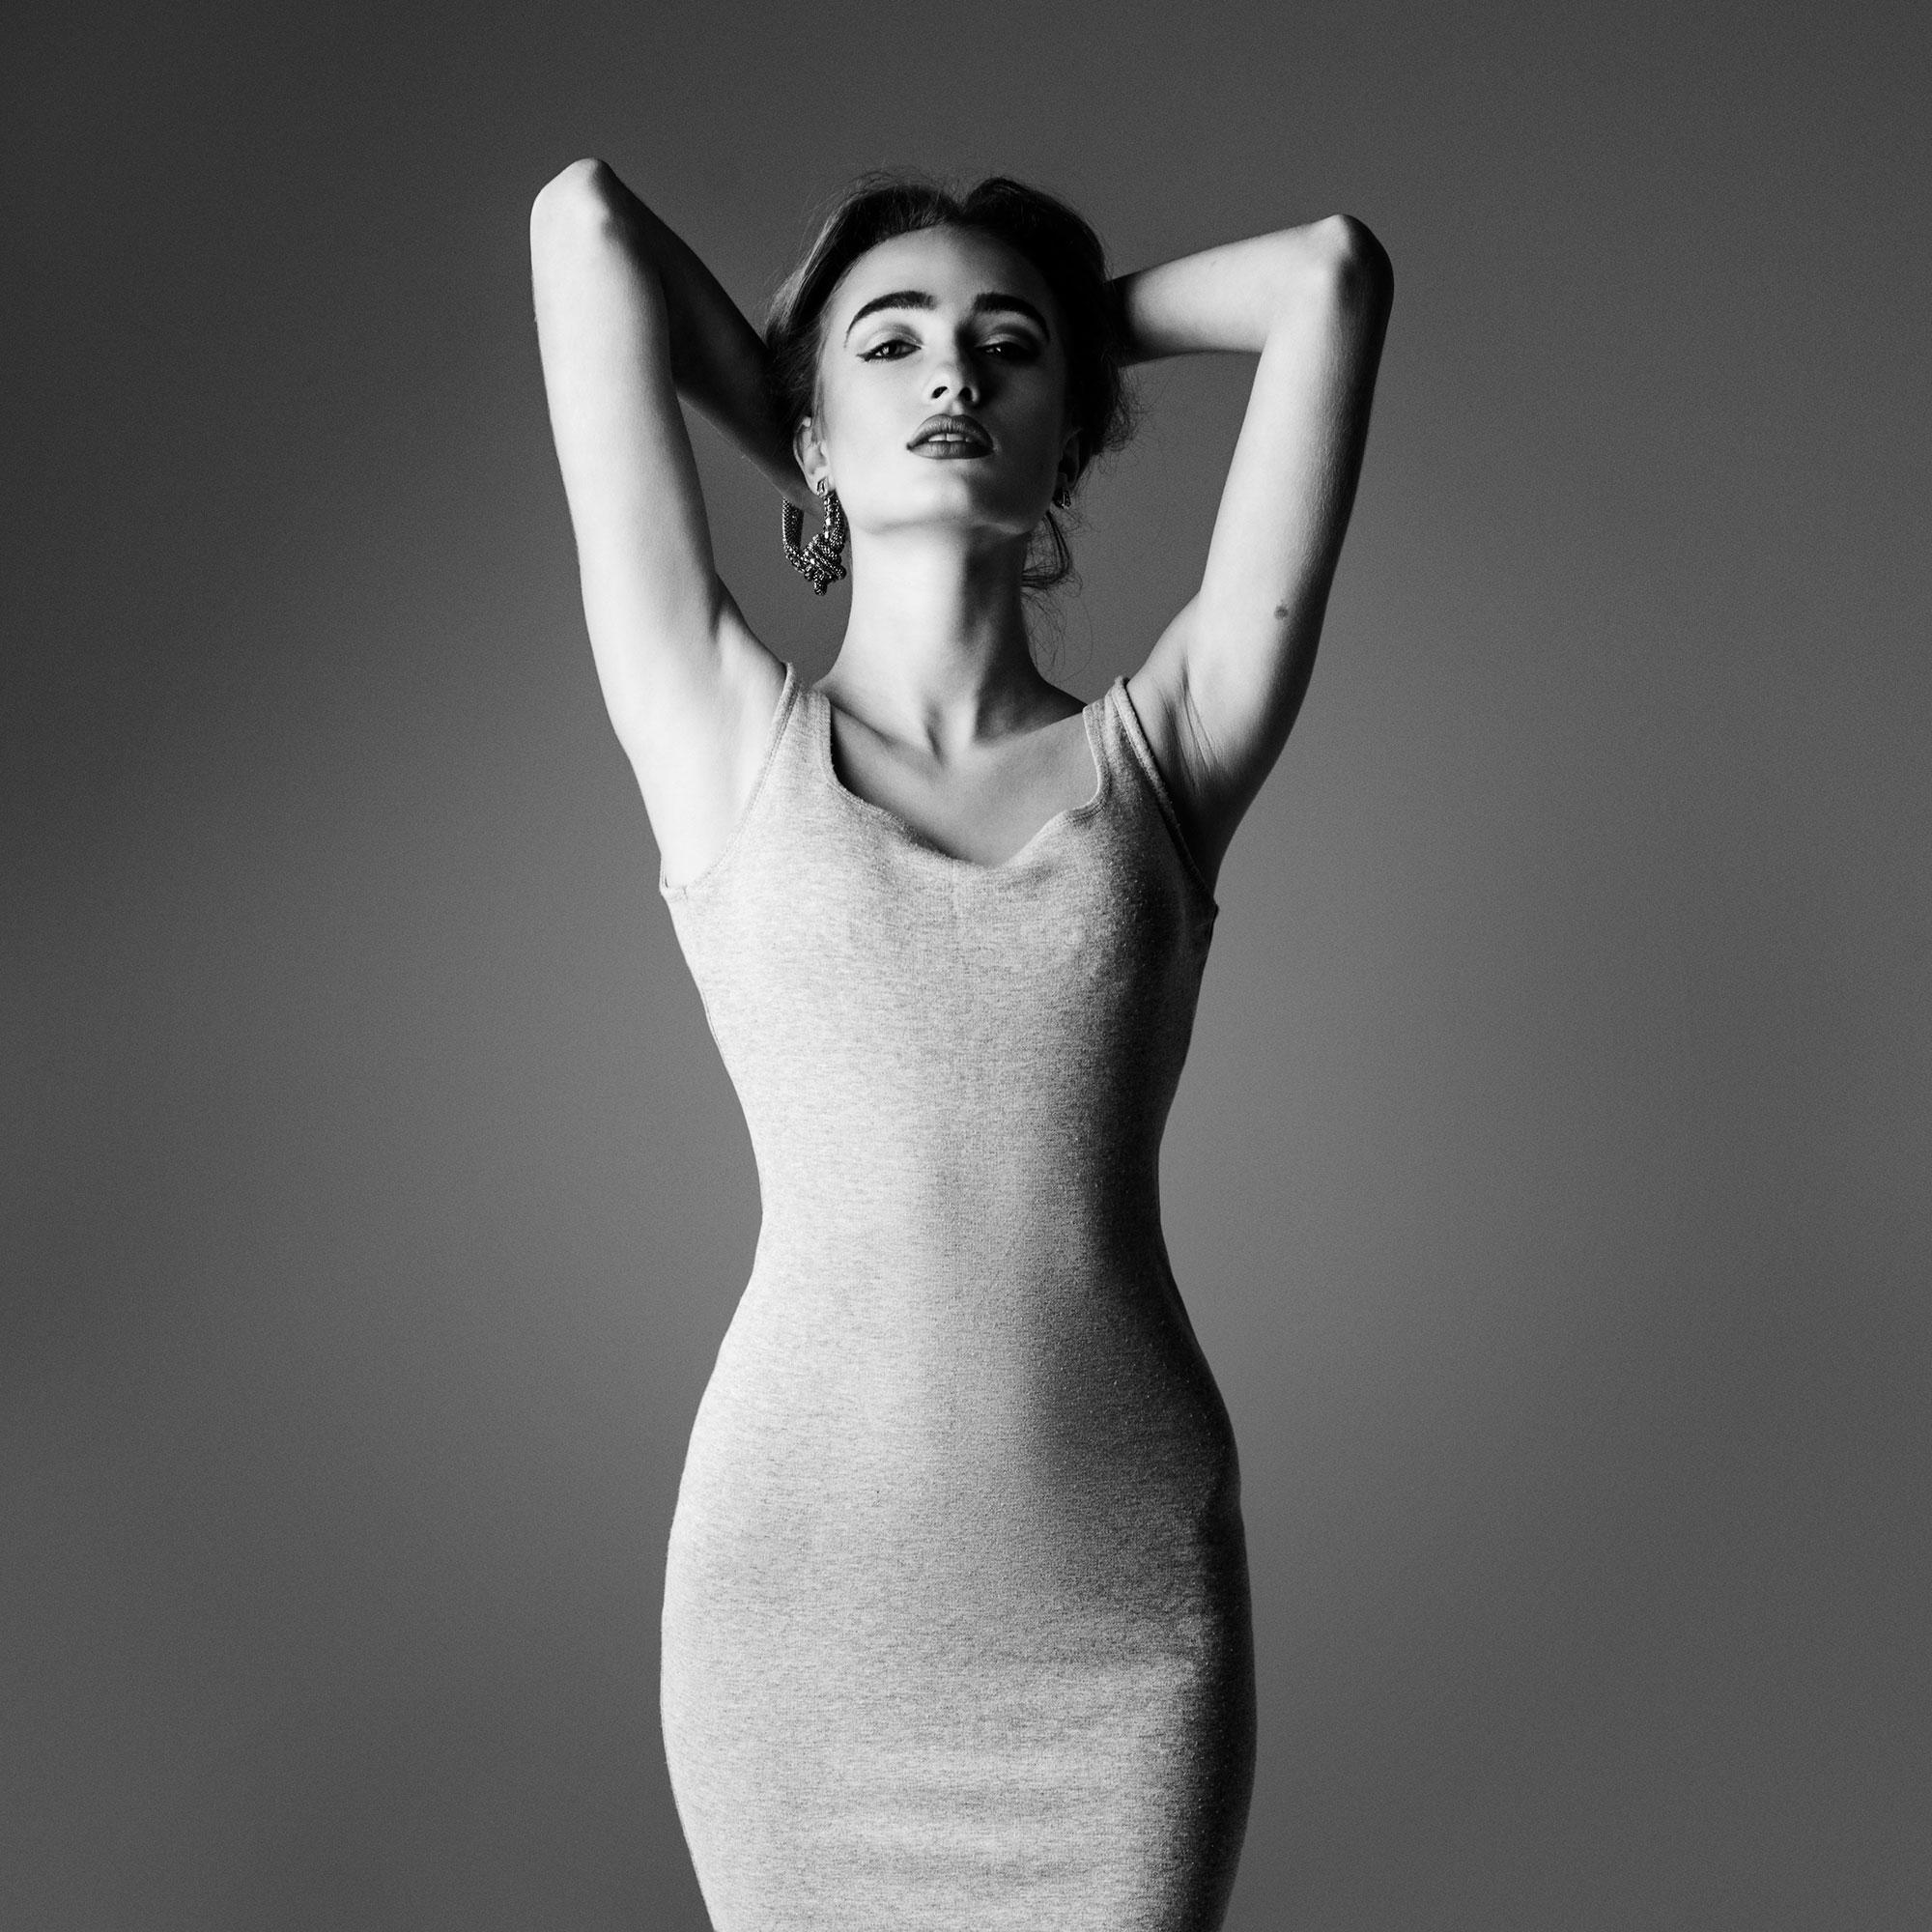 Фото жіночої фігури